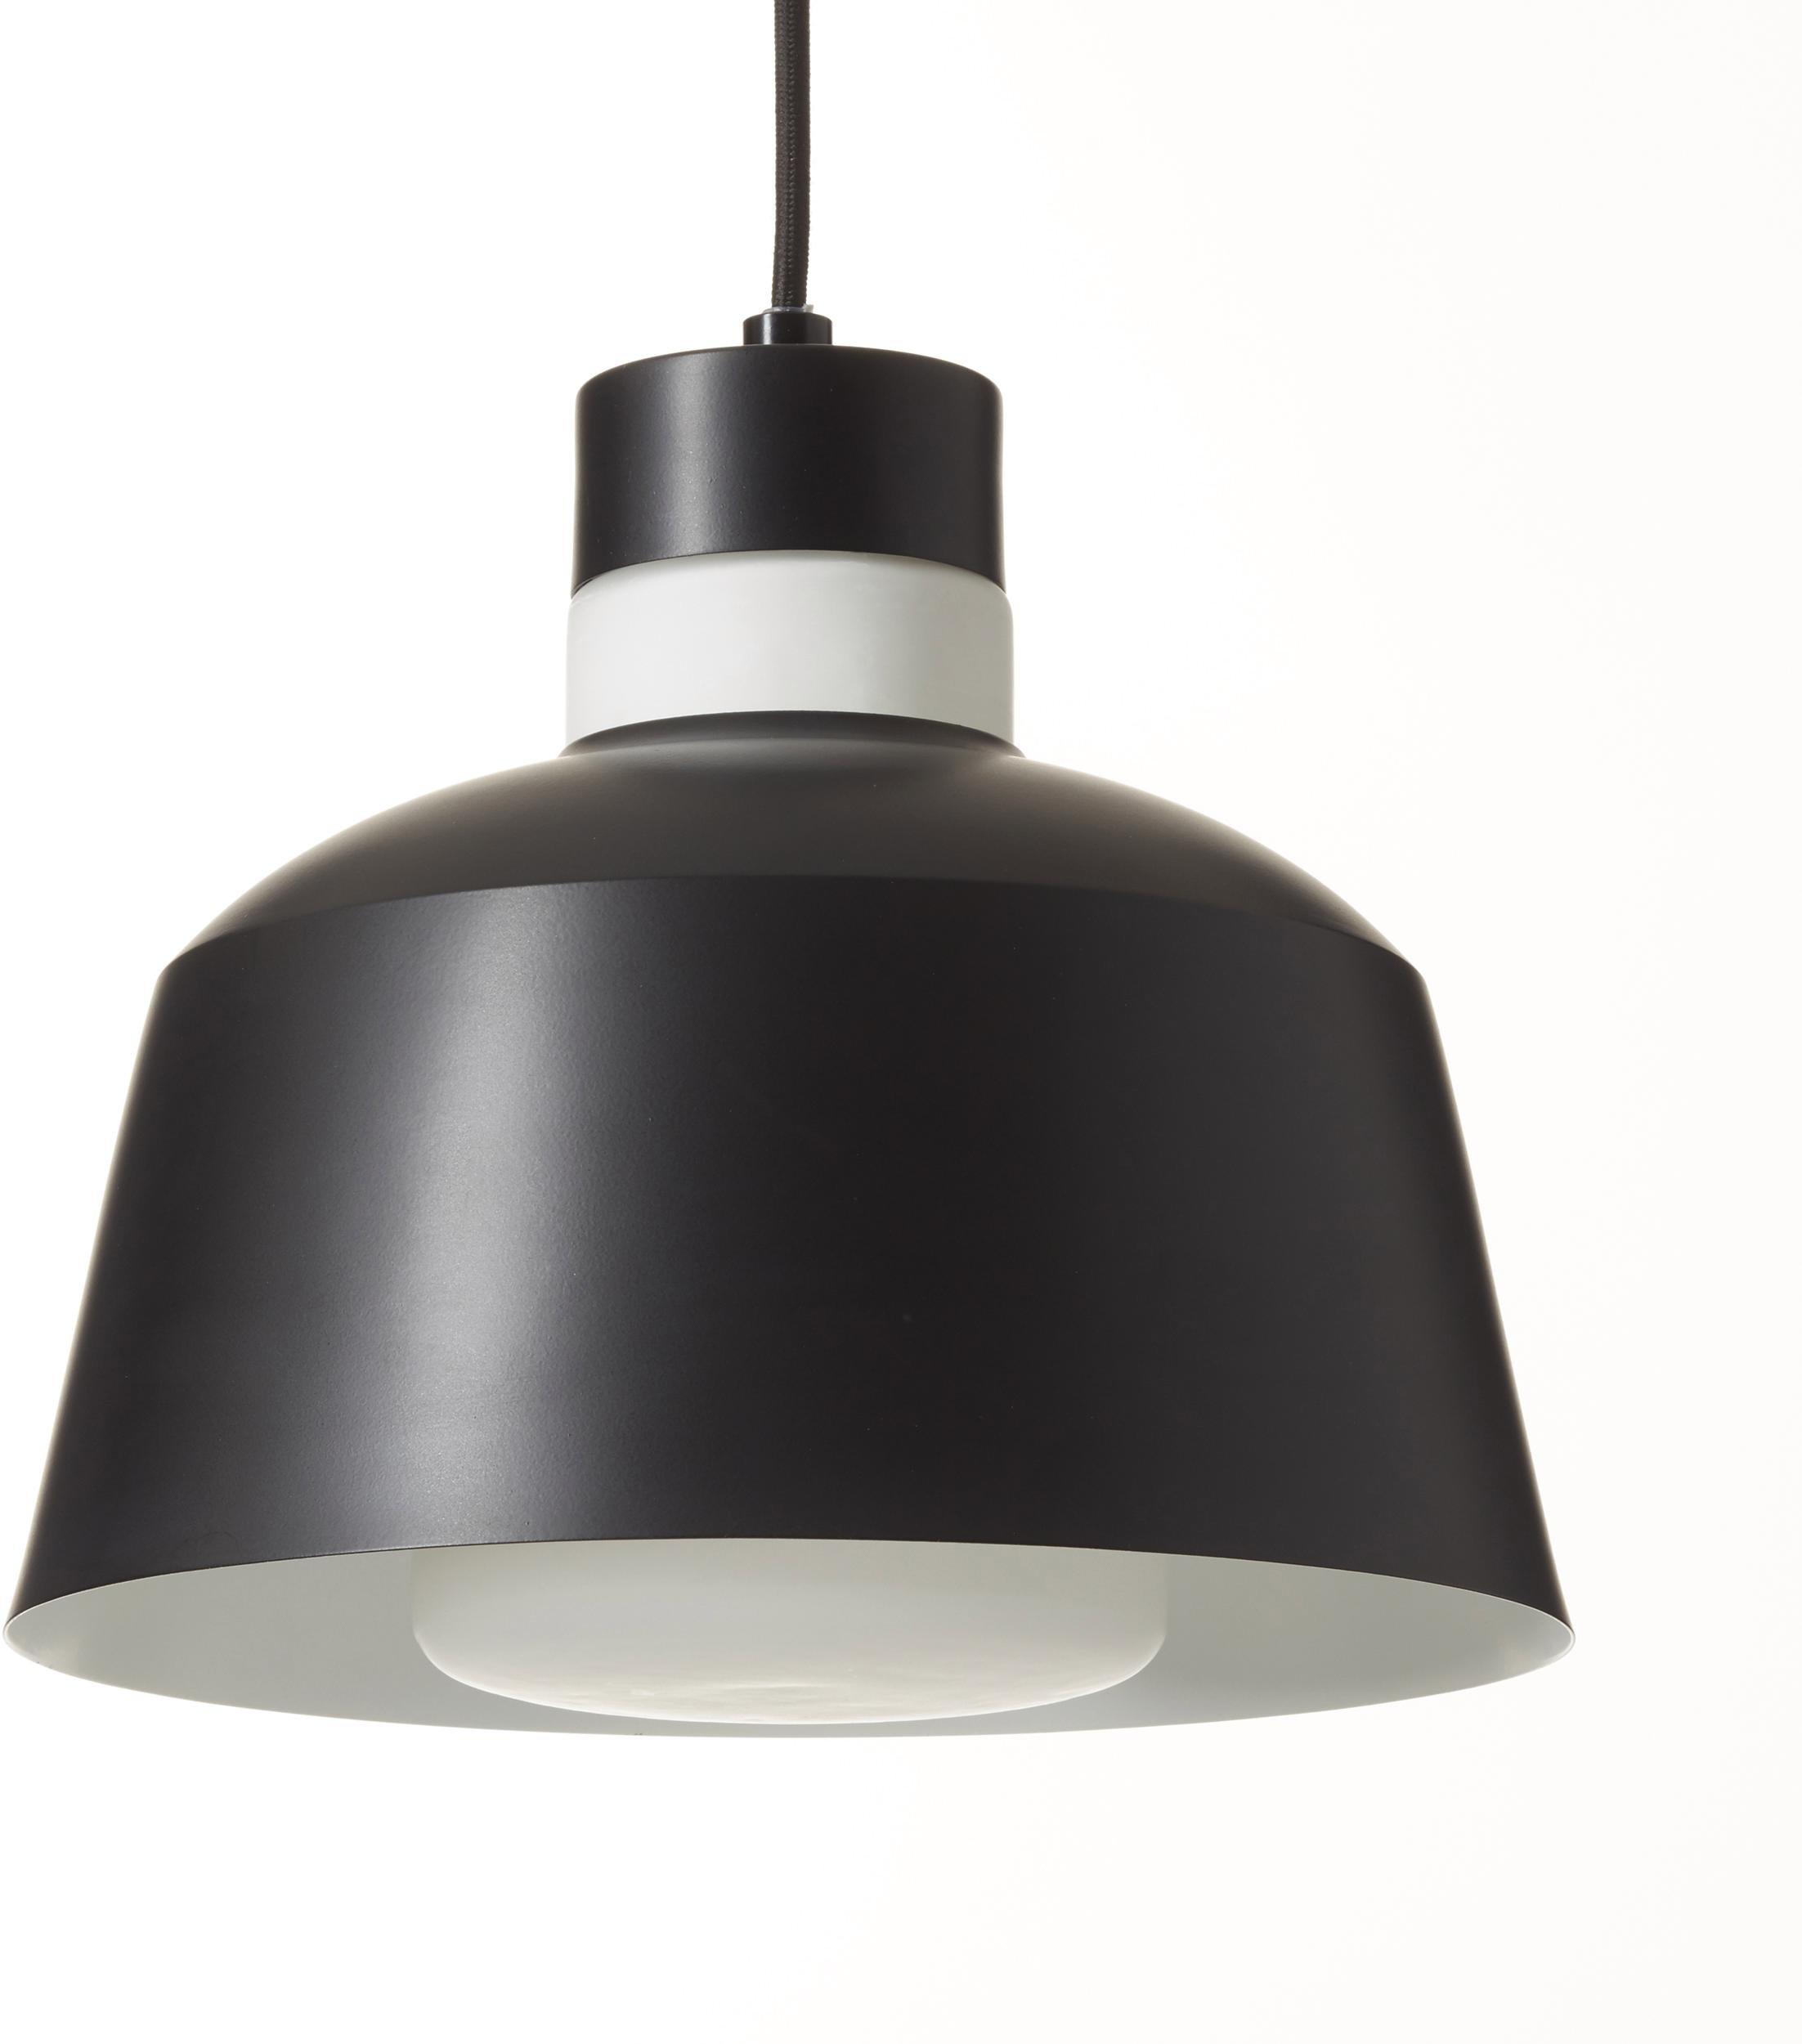 andas hanglamp Colours Hanglamp ø 25 cm met witte ring van opaalglas op de kap, textielpendel bij OTTO online kopen